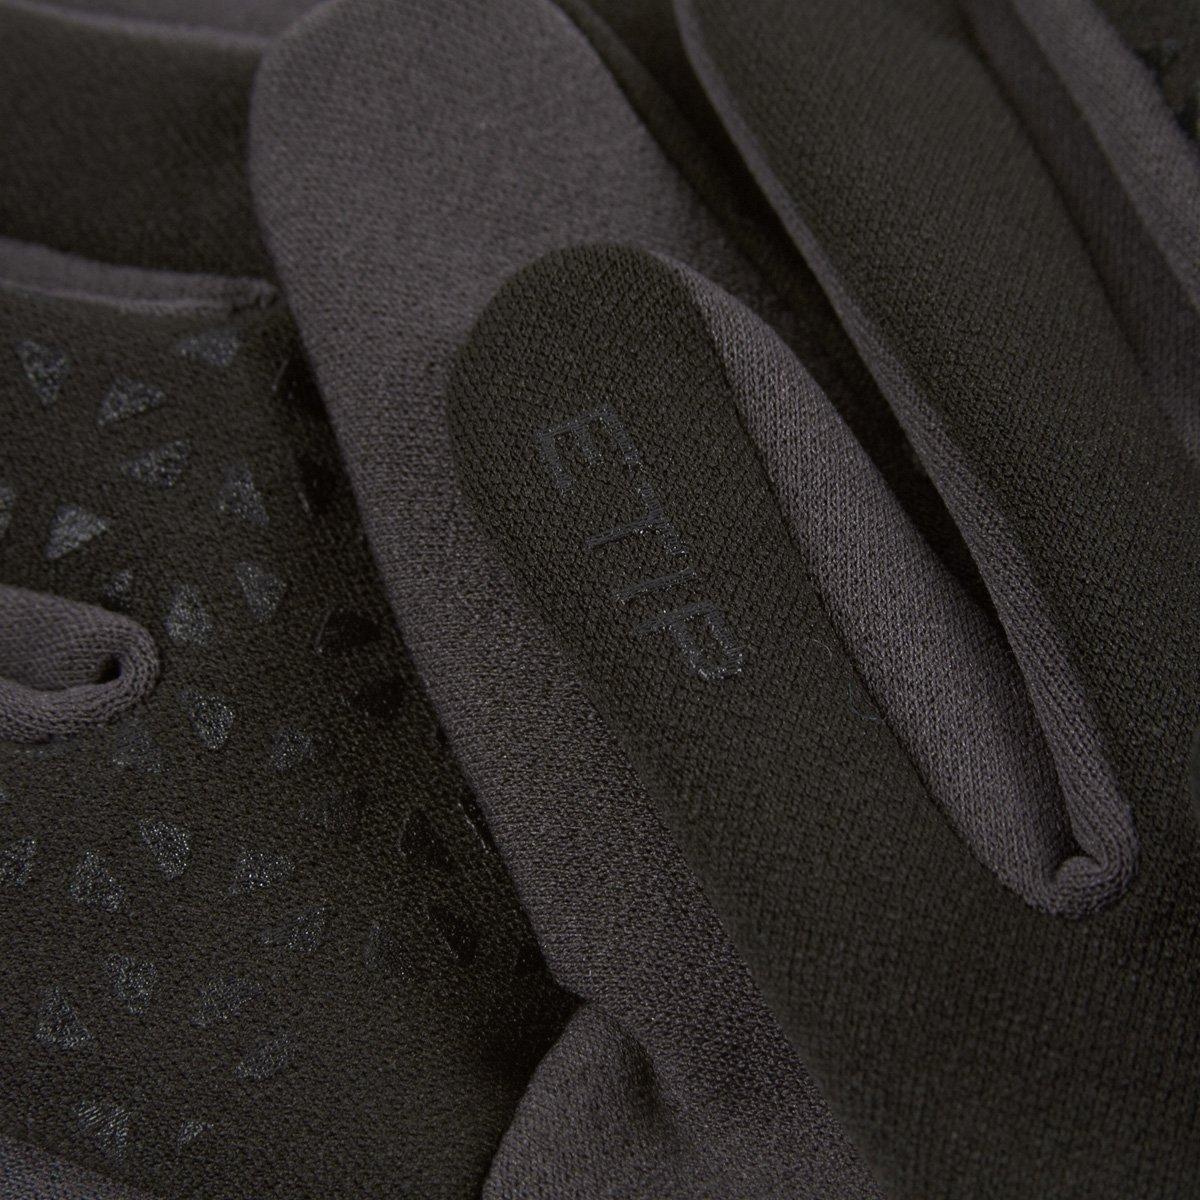 The North Face Etip, Etip, Etip, Guanti Uomo, Grigio (Asphalt), XL B00AB7SYAU XL Grigio (Asphalt)   Design moderno    Tatto Comodo    Stile elegante    Nuovo    diversità  0cf440